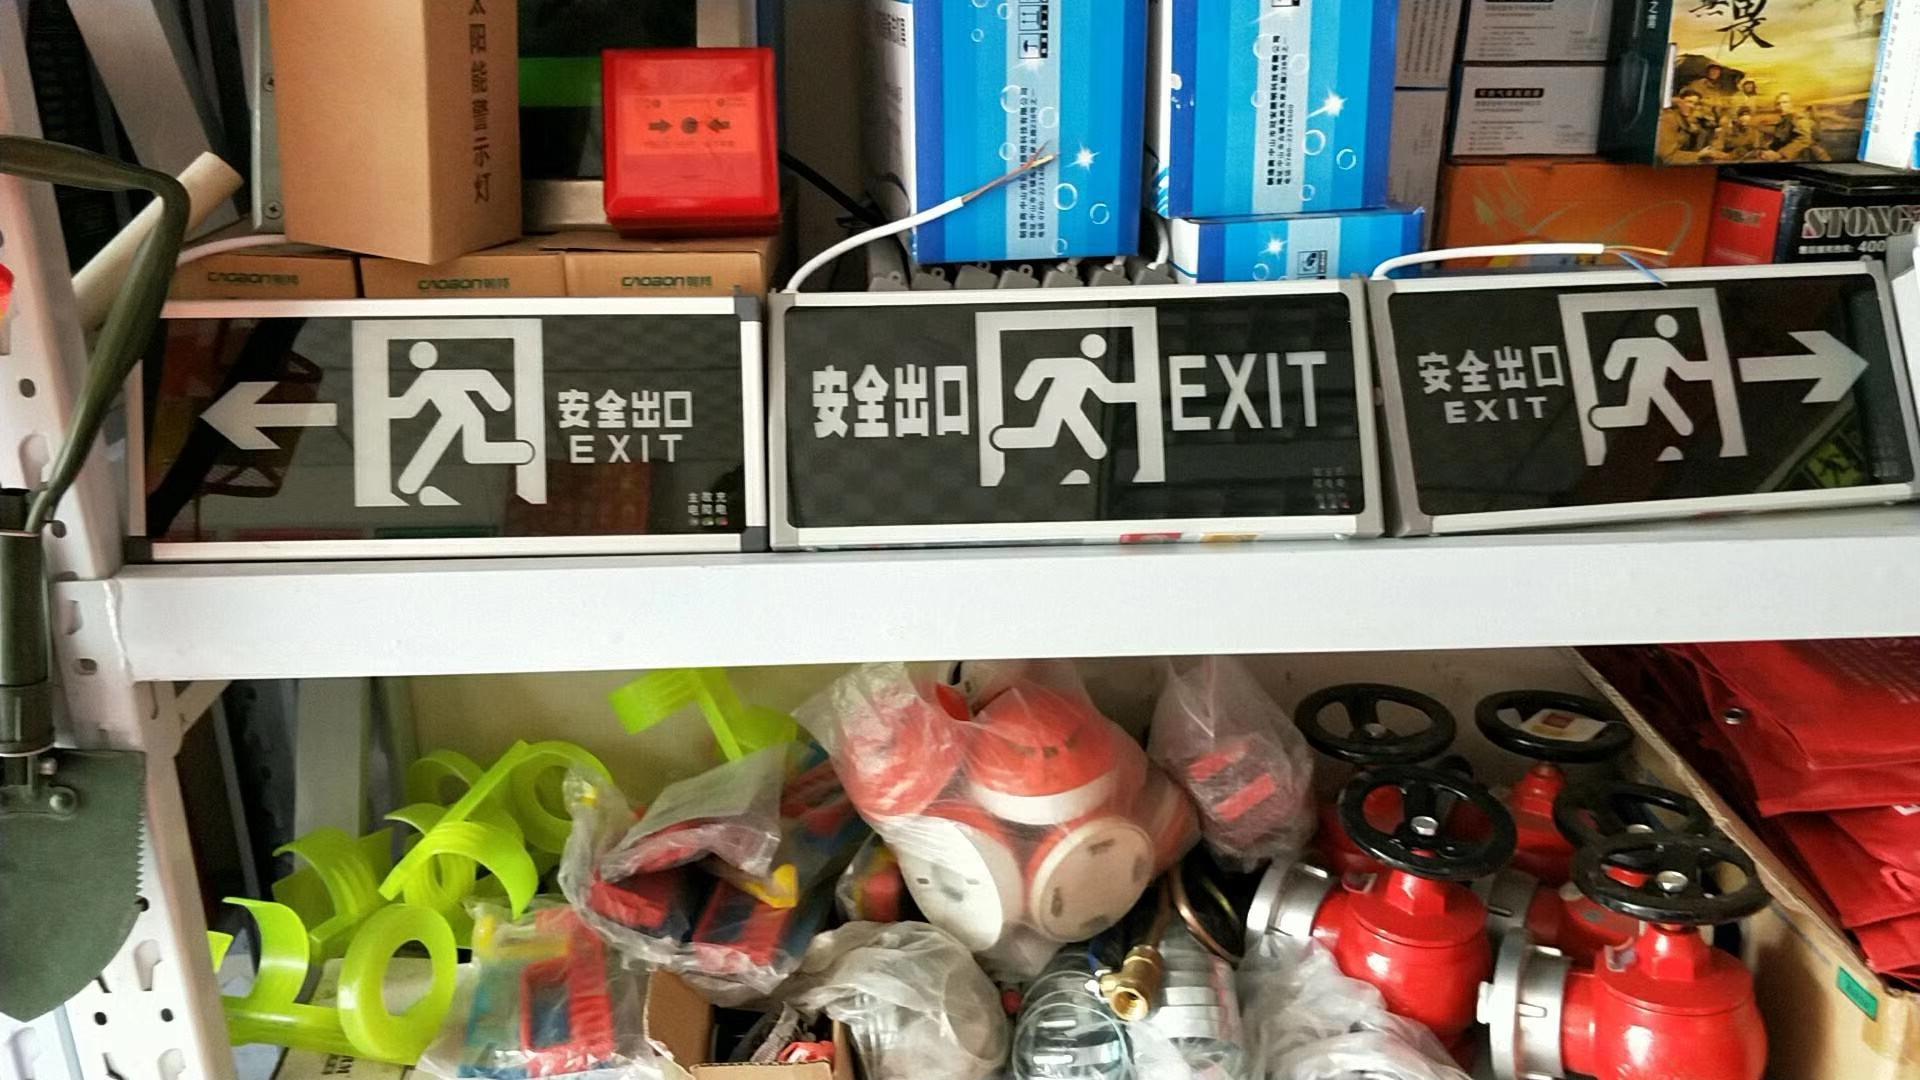 消防安全指示灯